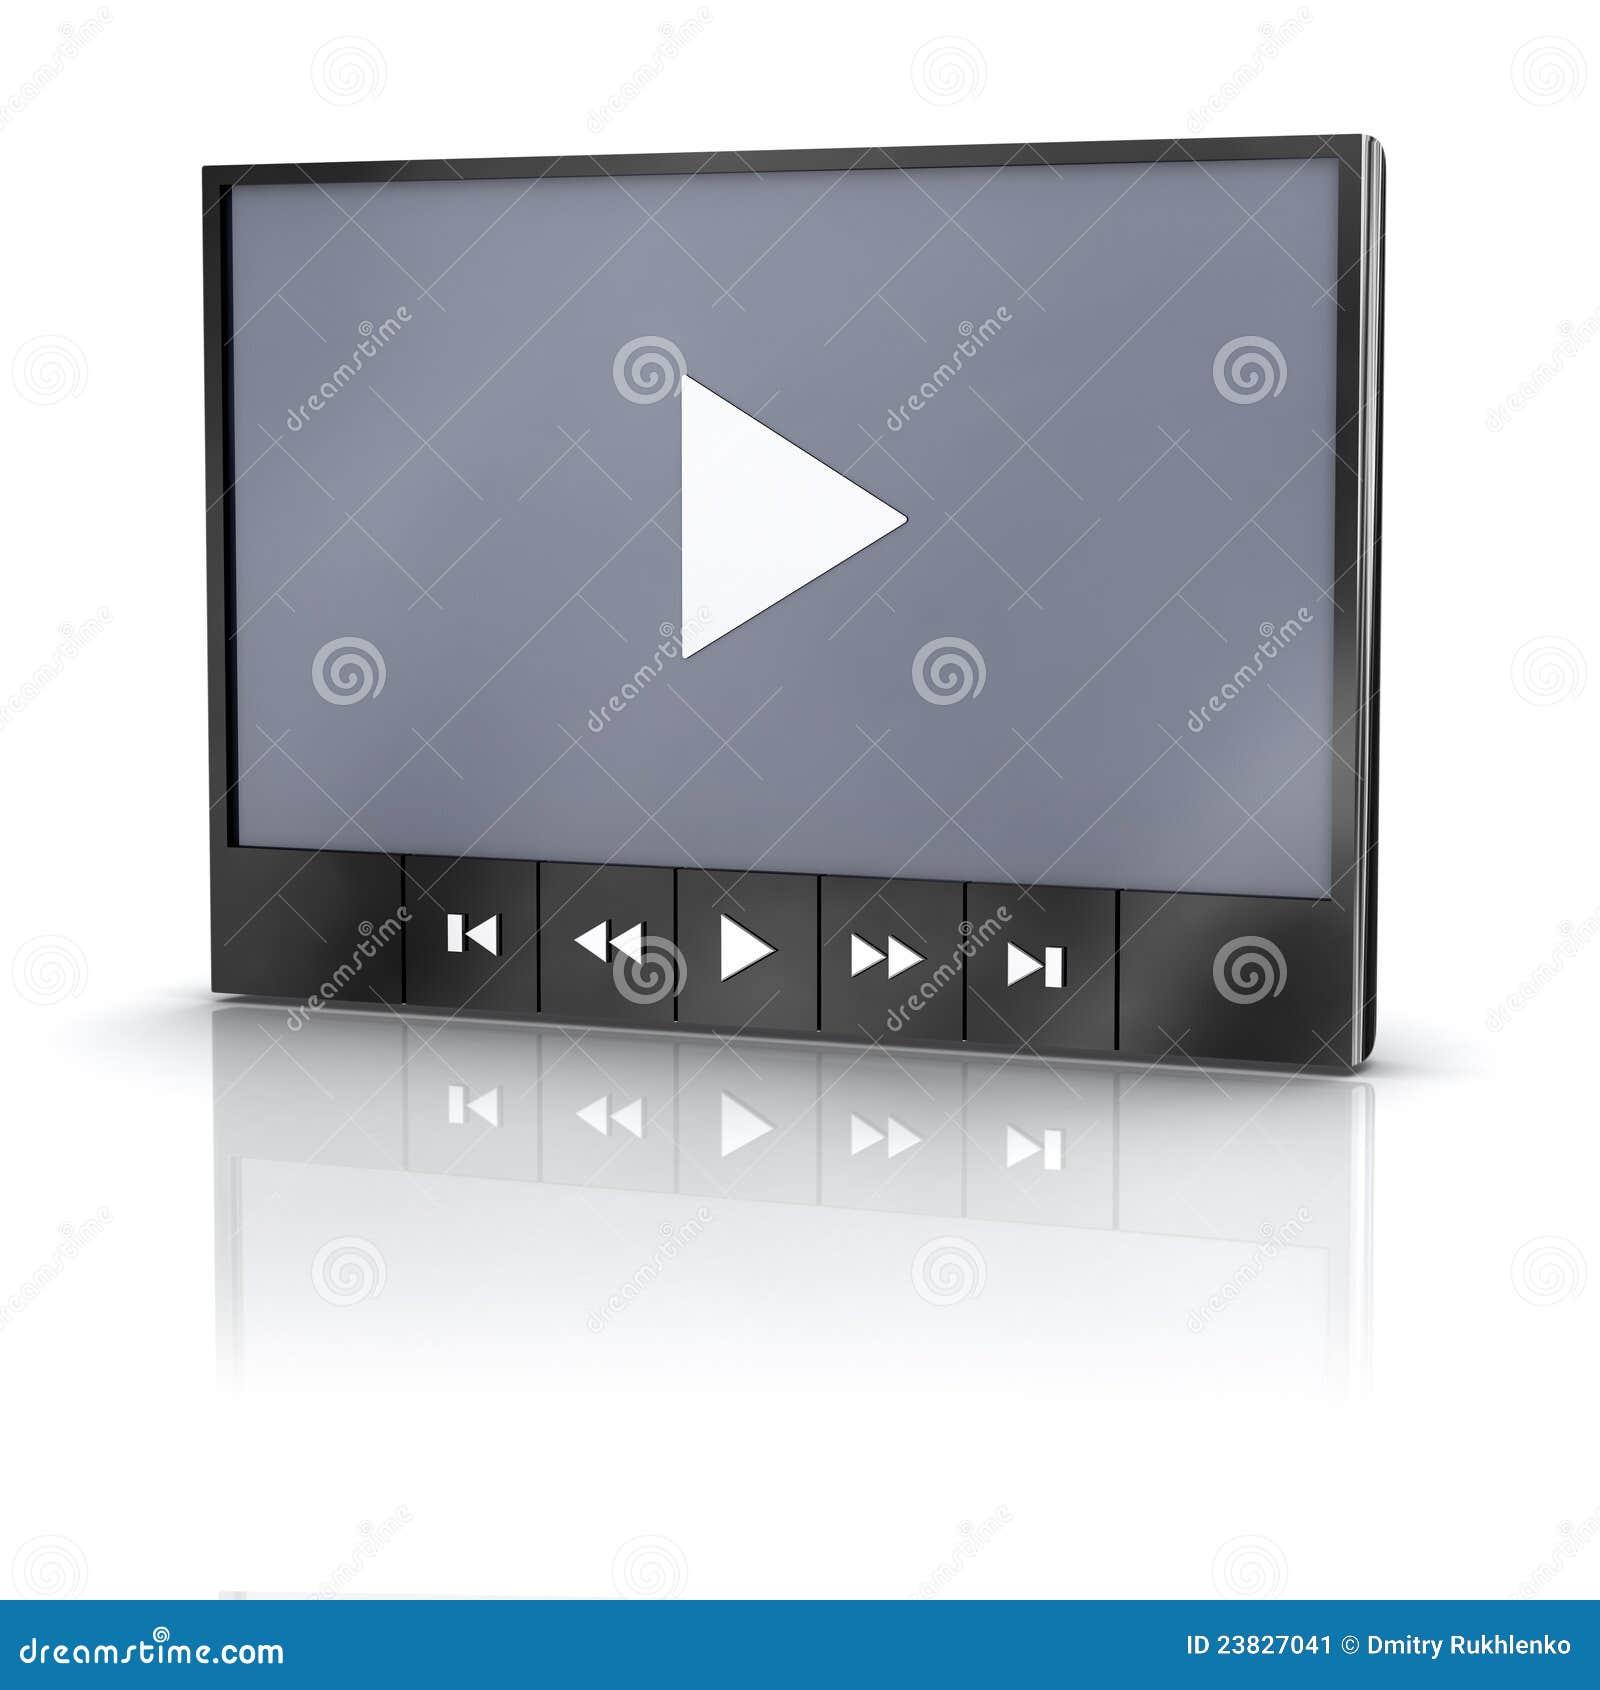 Скачать бесплатно плееры просмотра видео аудио